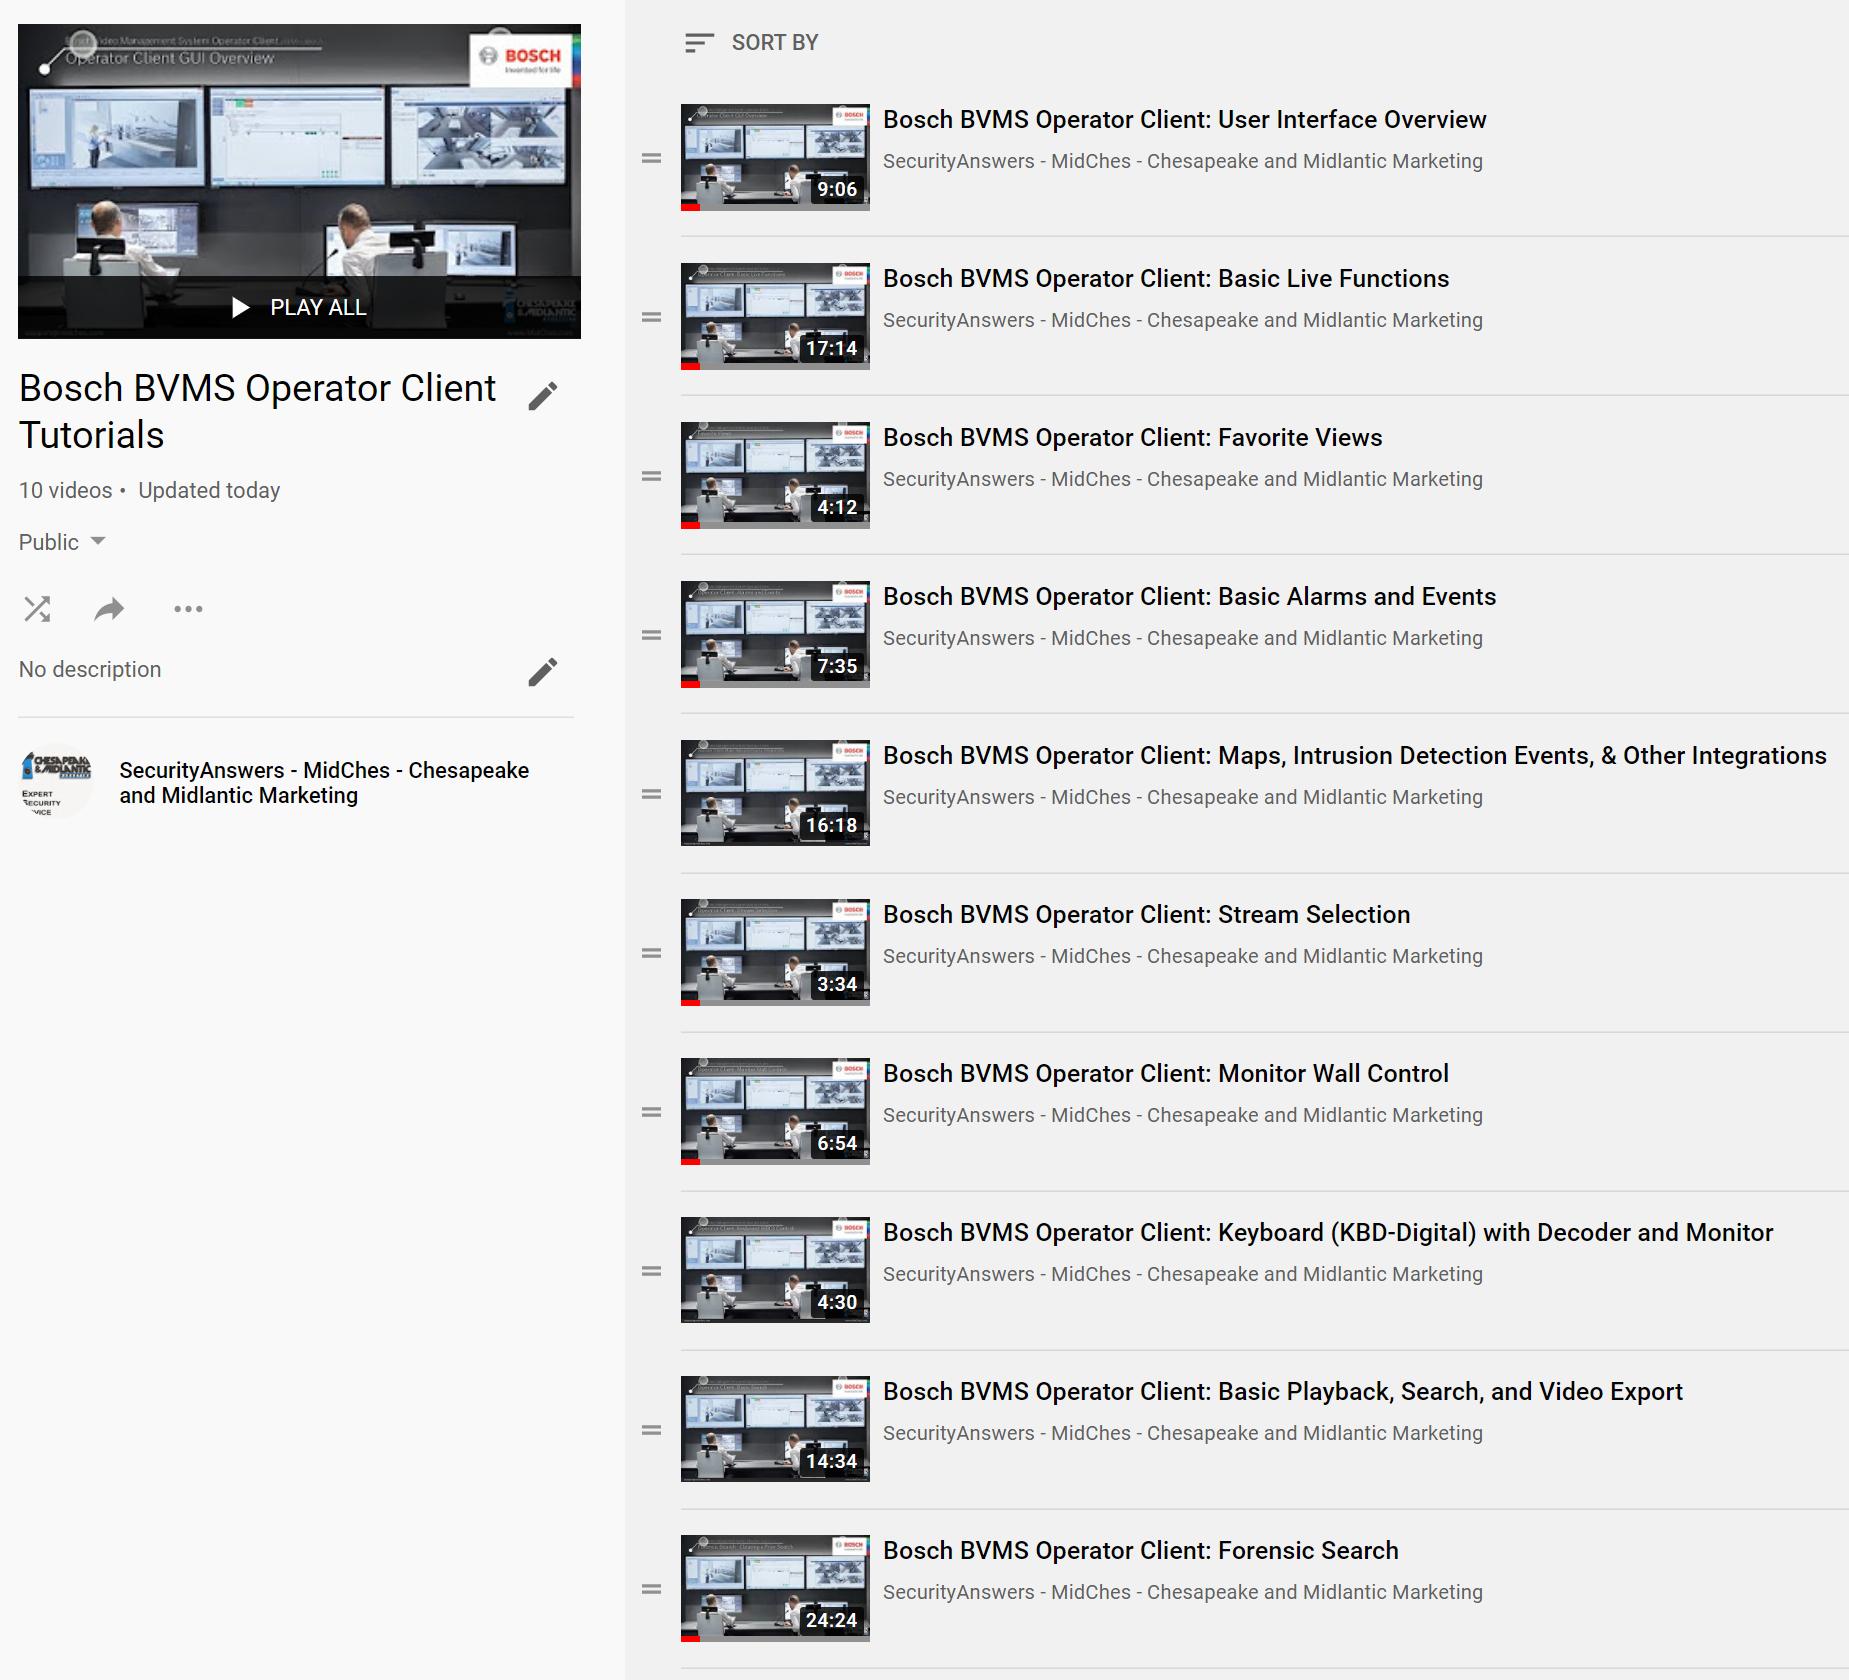 Bosch BVMS Operator Client Tutorials playlist thumbnail